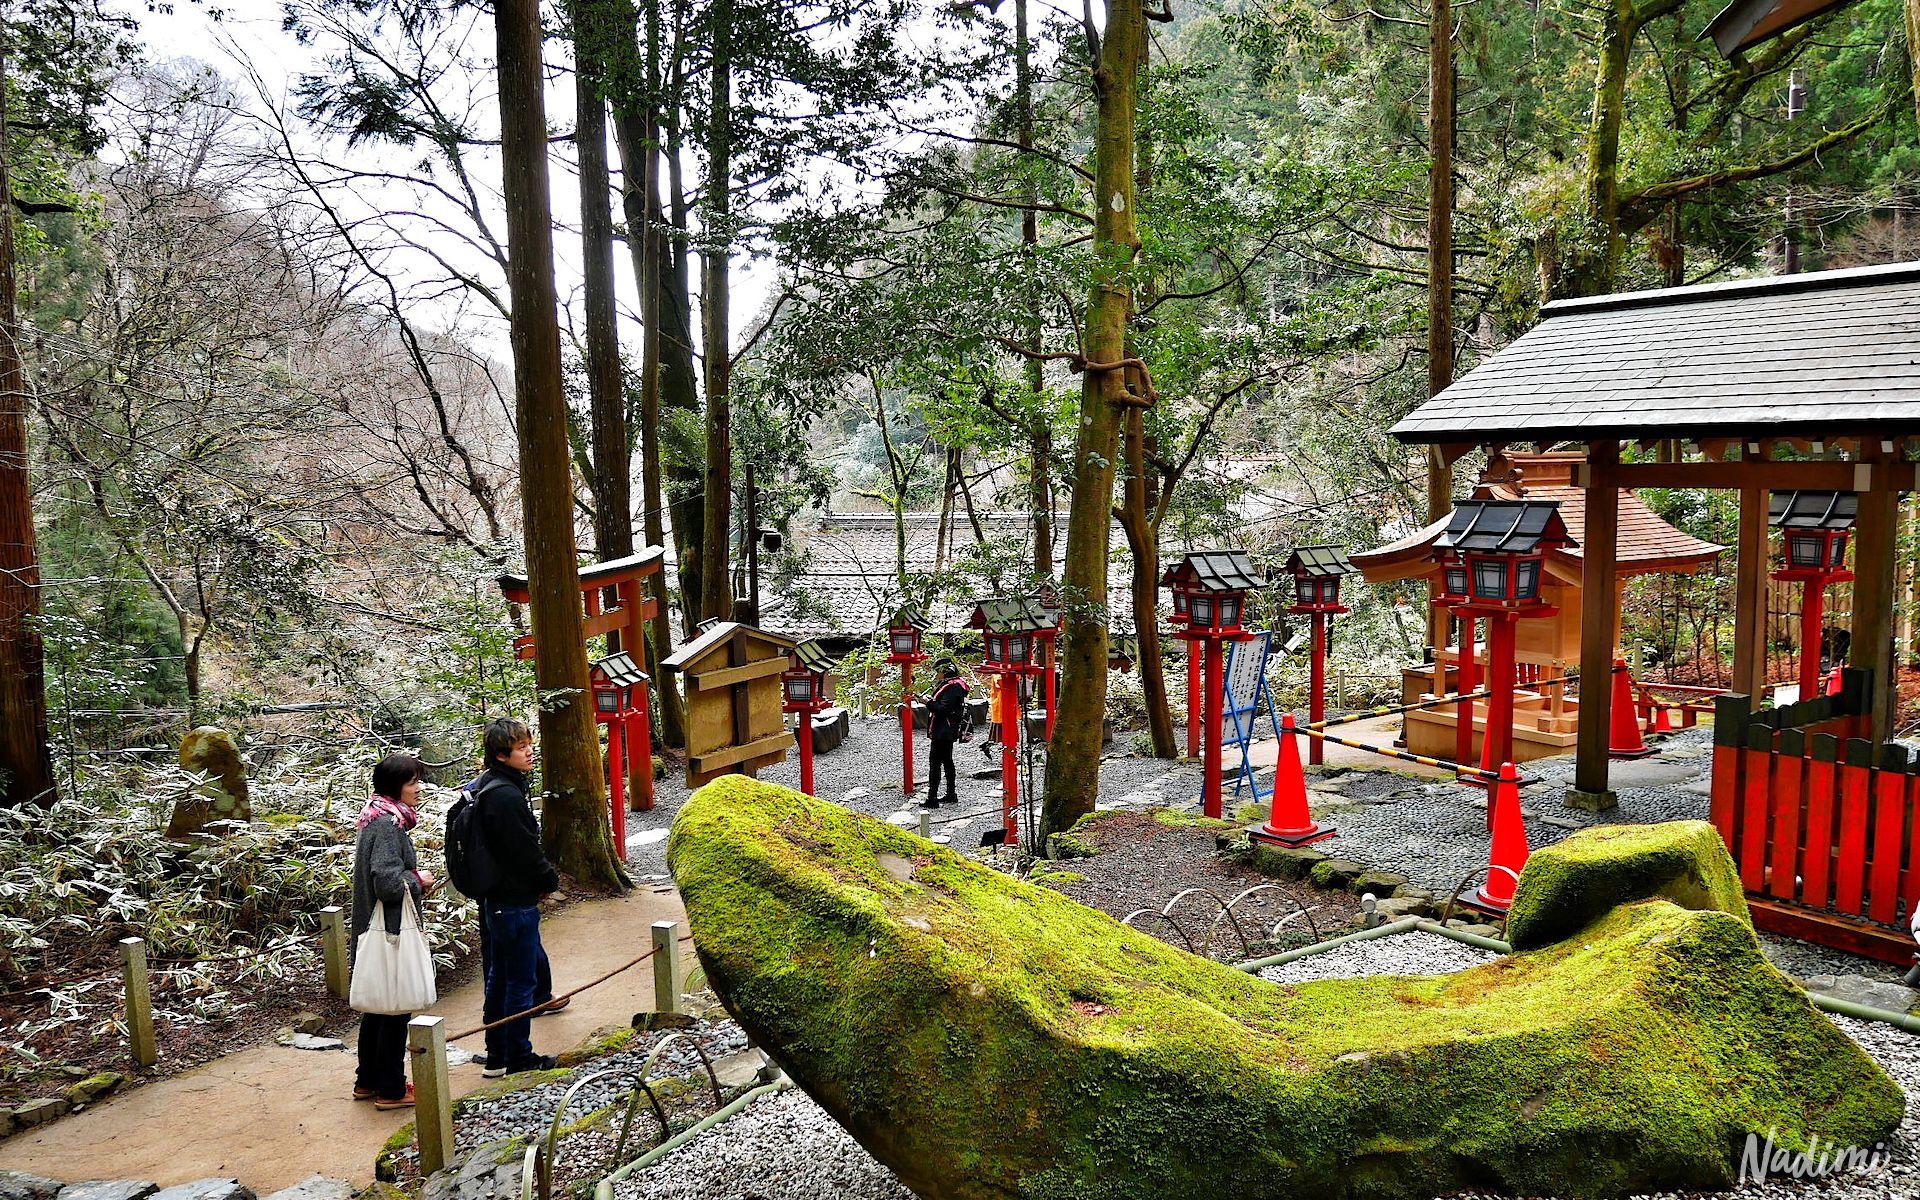 เที่ยวจังหวัดเกียวโต ที่เมืองคิบูเนะ (Kibune) เที่ยวศาลเจ้าคิฟุเนะ เกียวโต เที่ยวศาลเจ้าคิฟุเนะ เกียวโต ศาลเจ้าญี่ปุ่นขอพรเรื่องความรัก